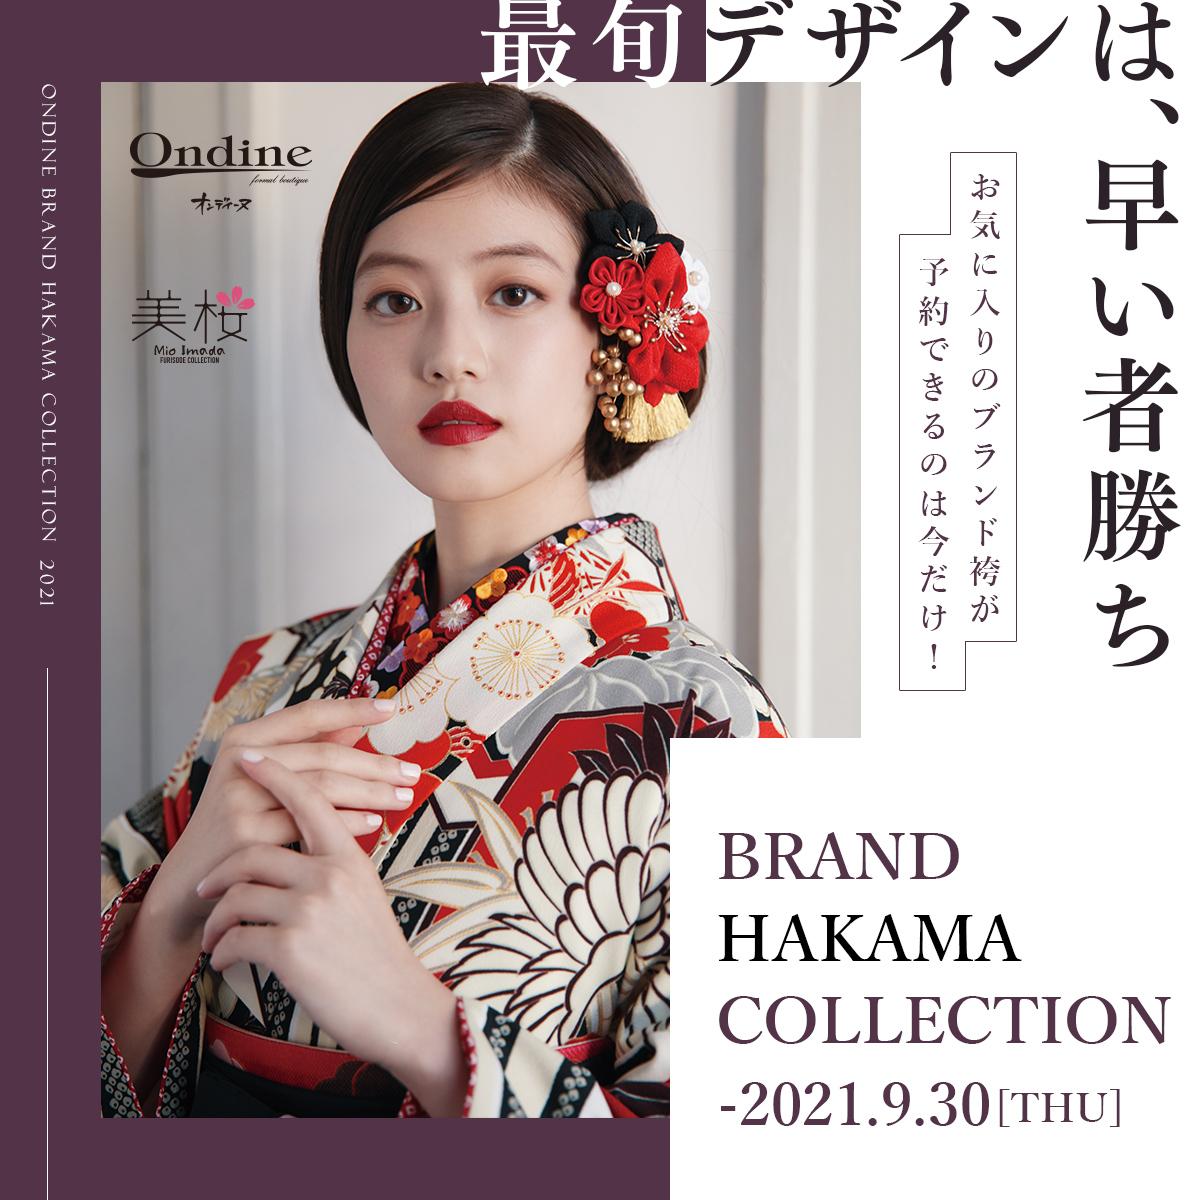 【神戸店】BRAND HAKAMA COLLECTION開催!